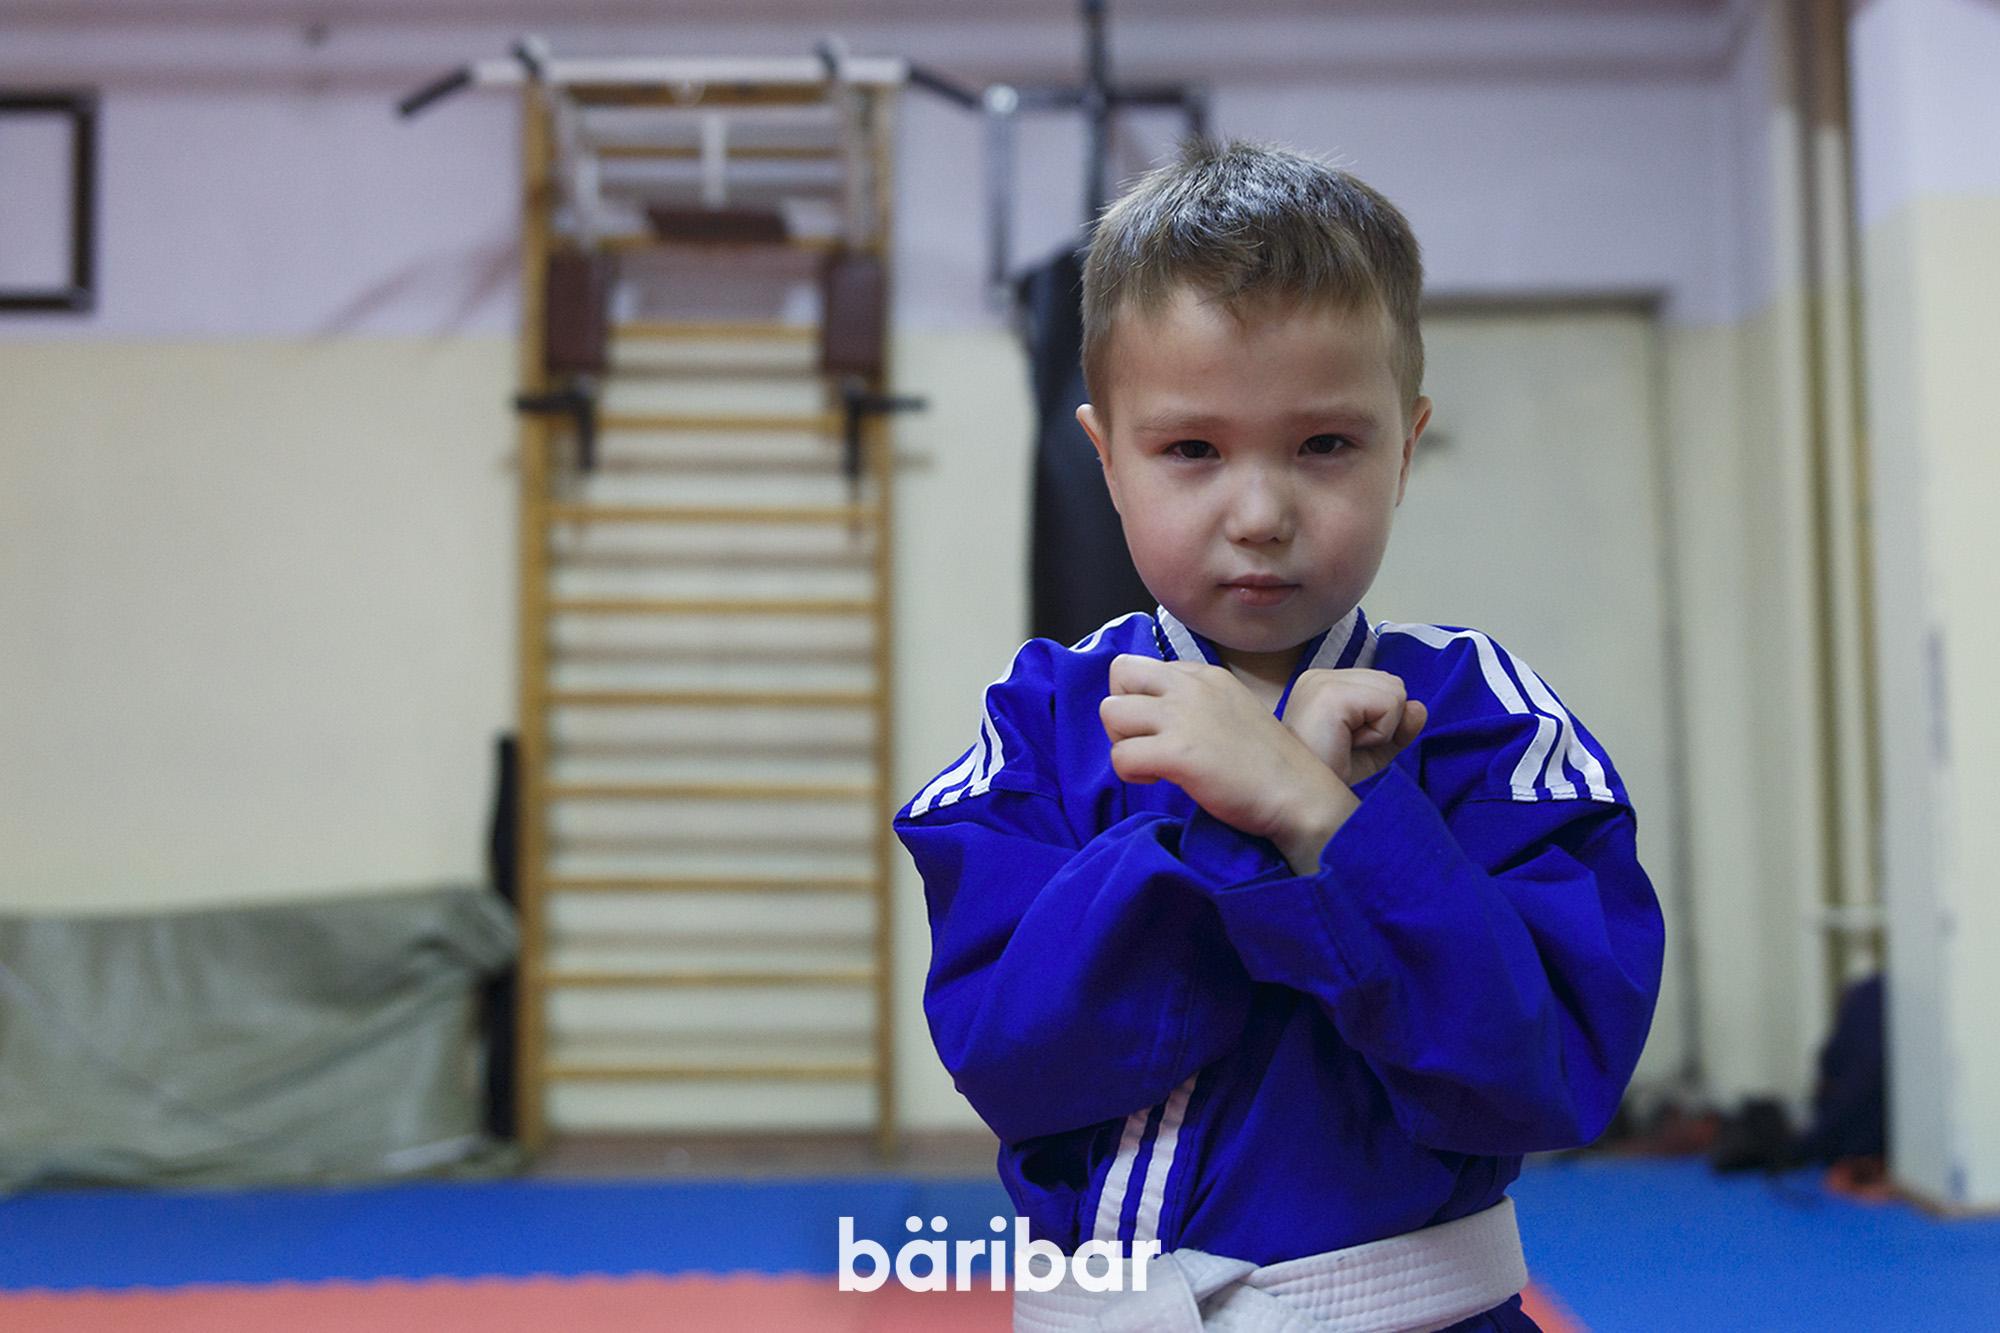 Әділет Болашақ Чемпион